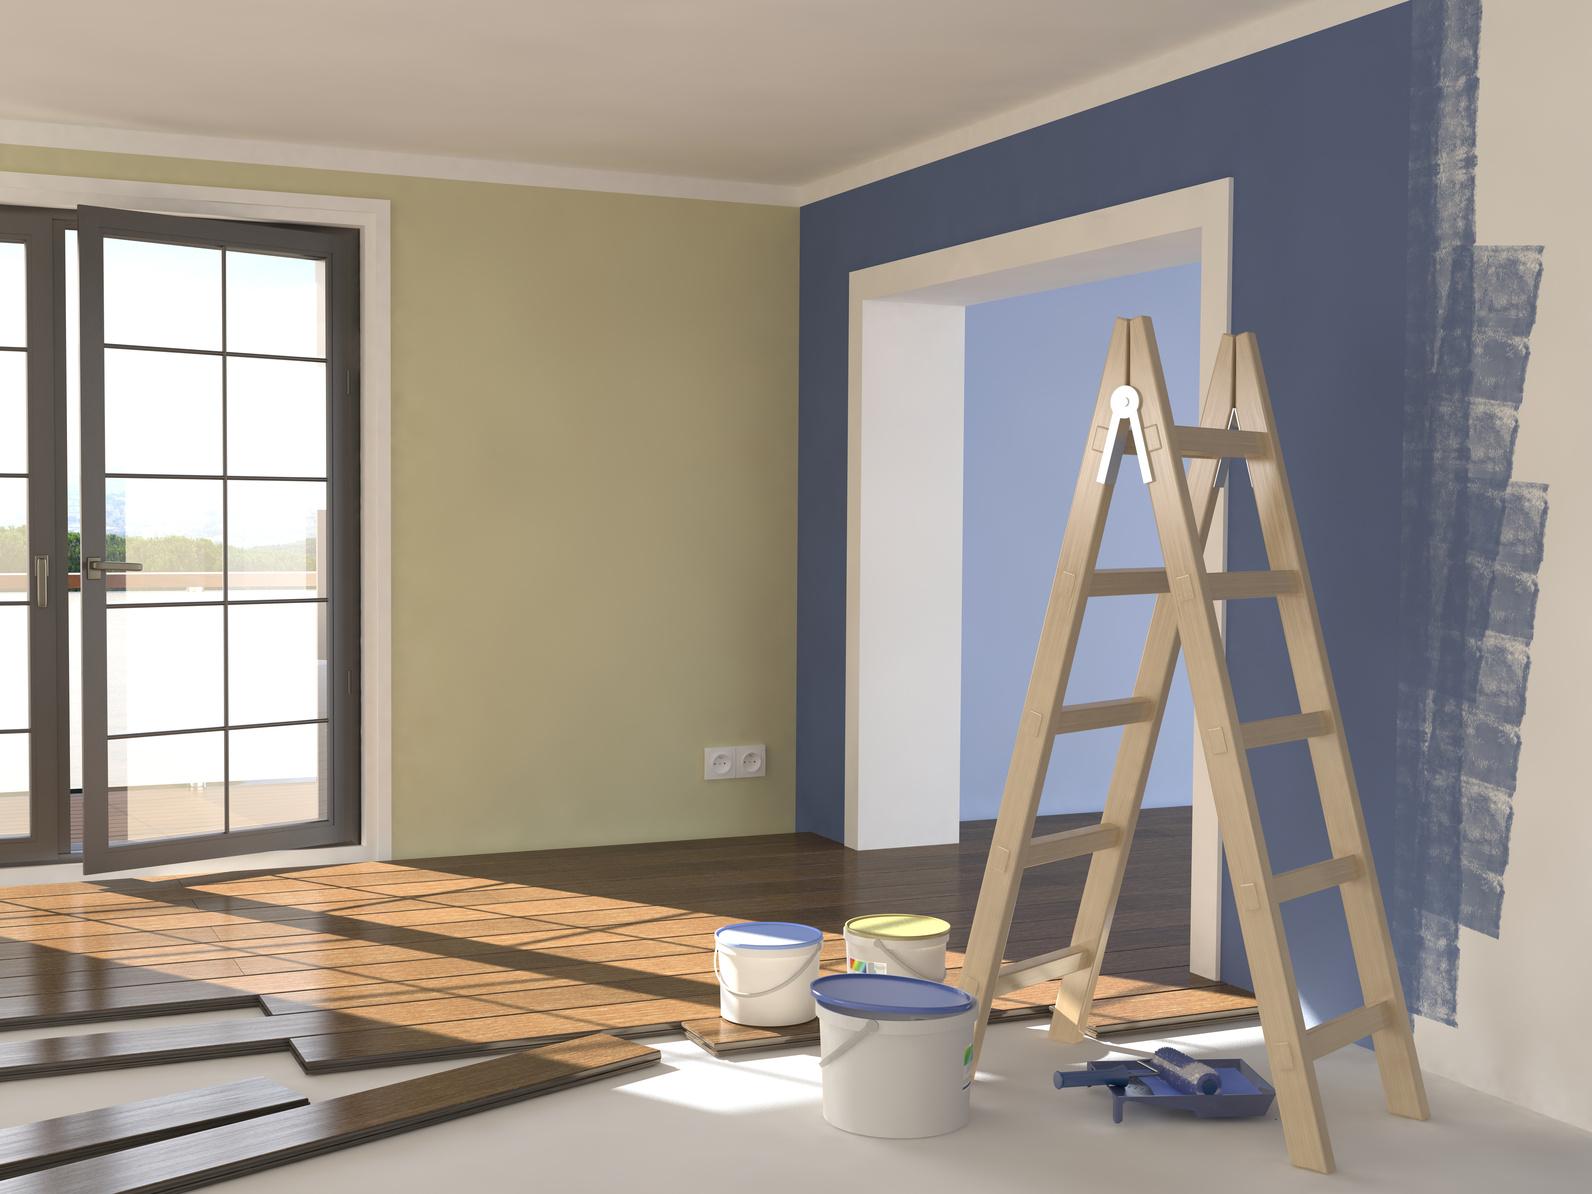 peinture d 39 int rieur les conseils peinture pour l 39 int rieur. Black Bedroom Furniture Sets. Home Design Ideas